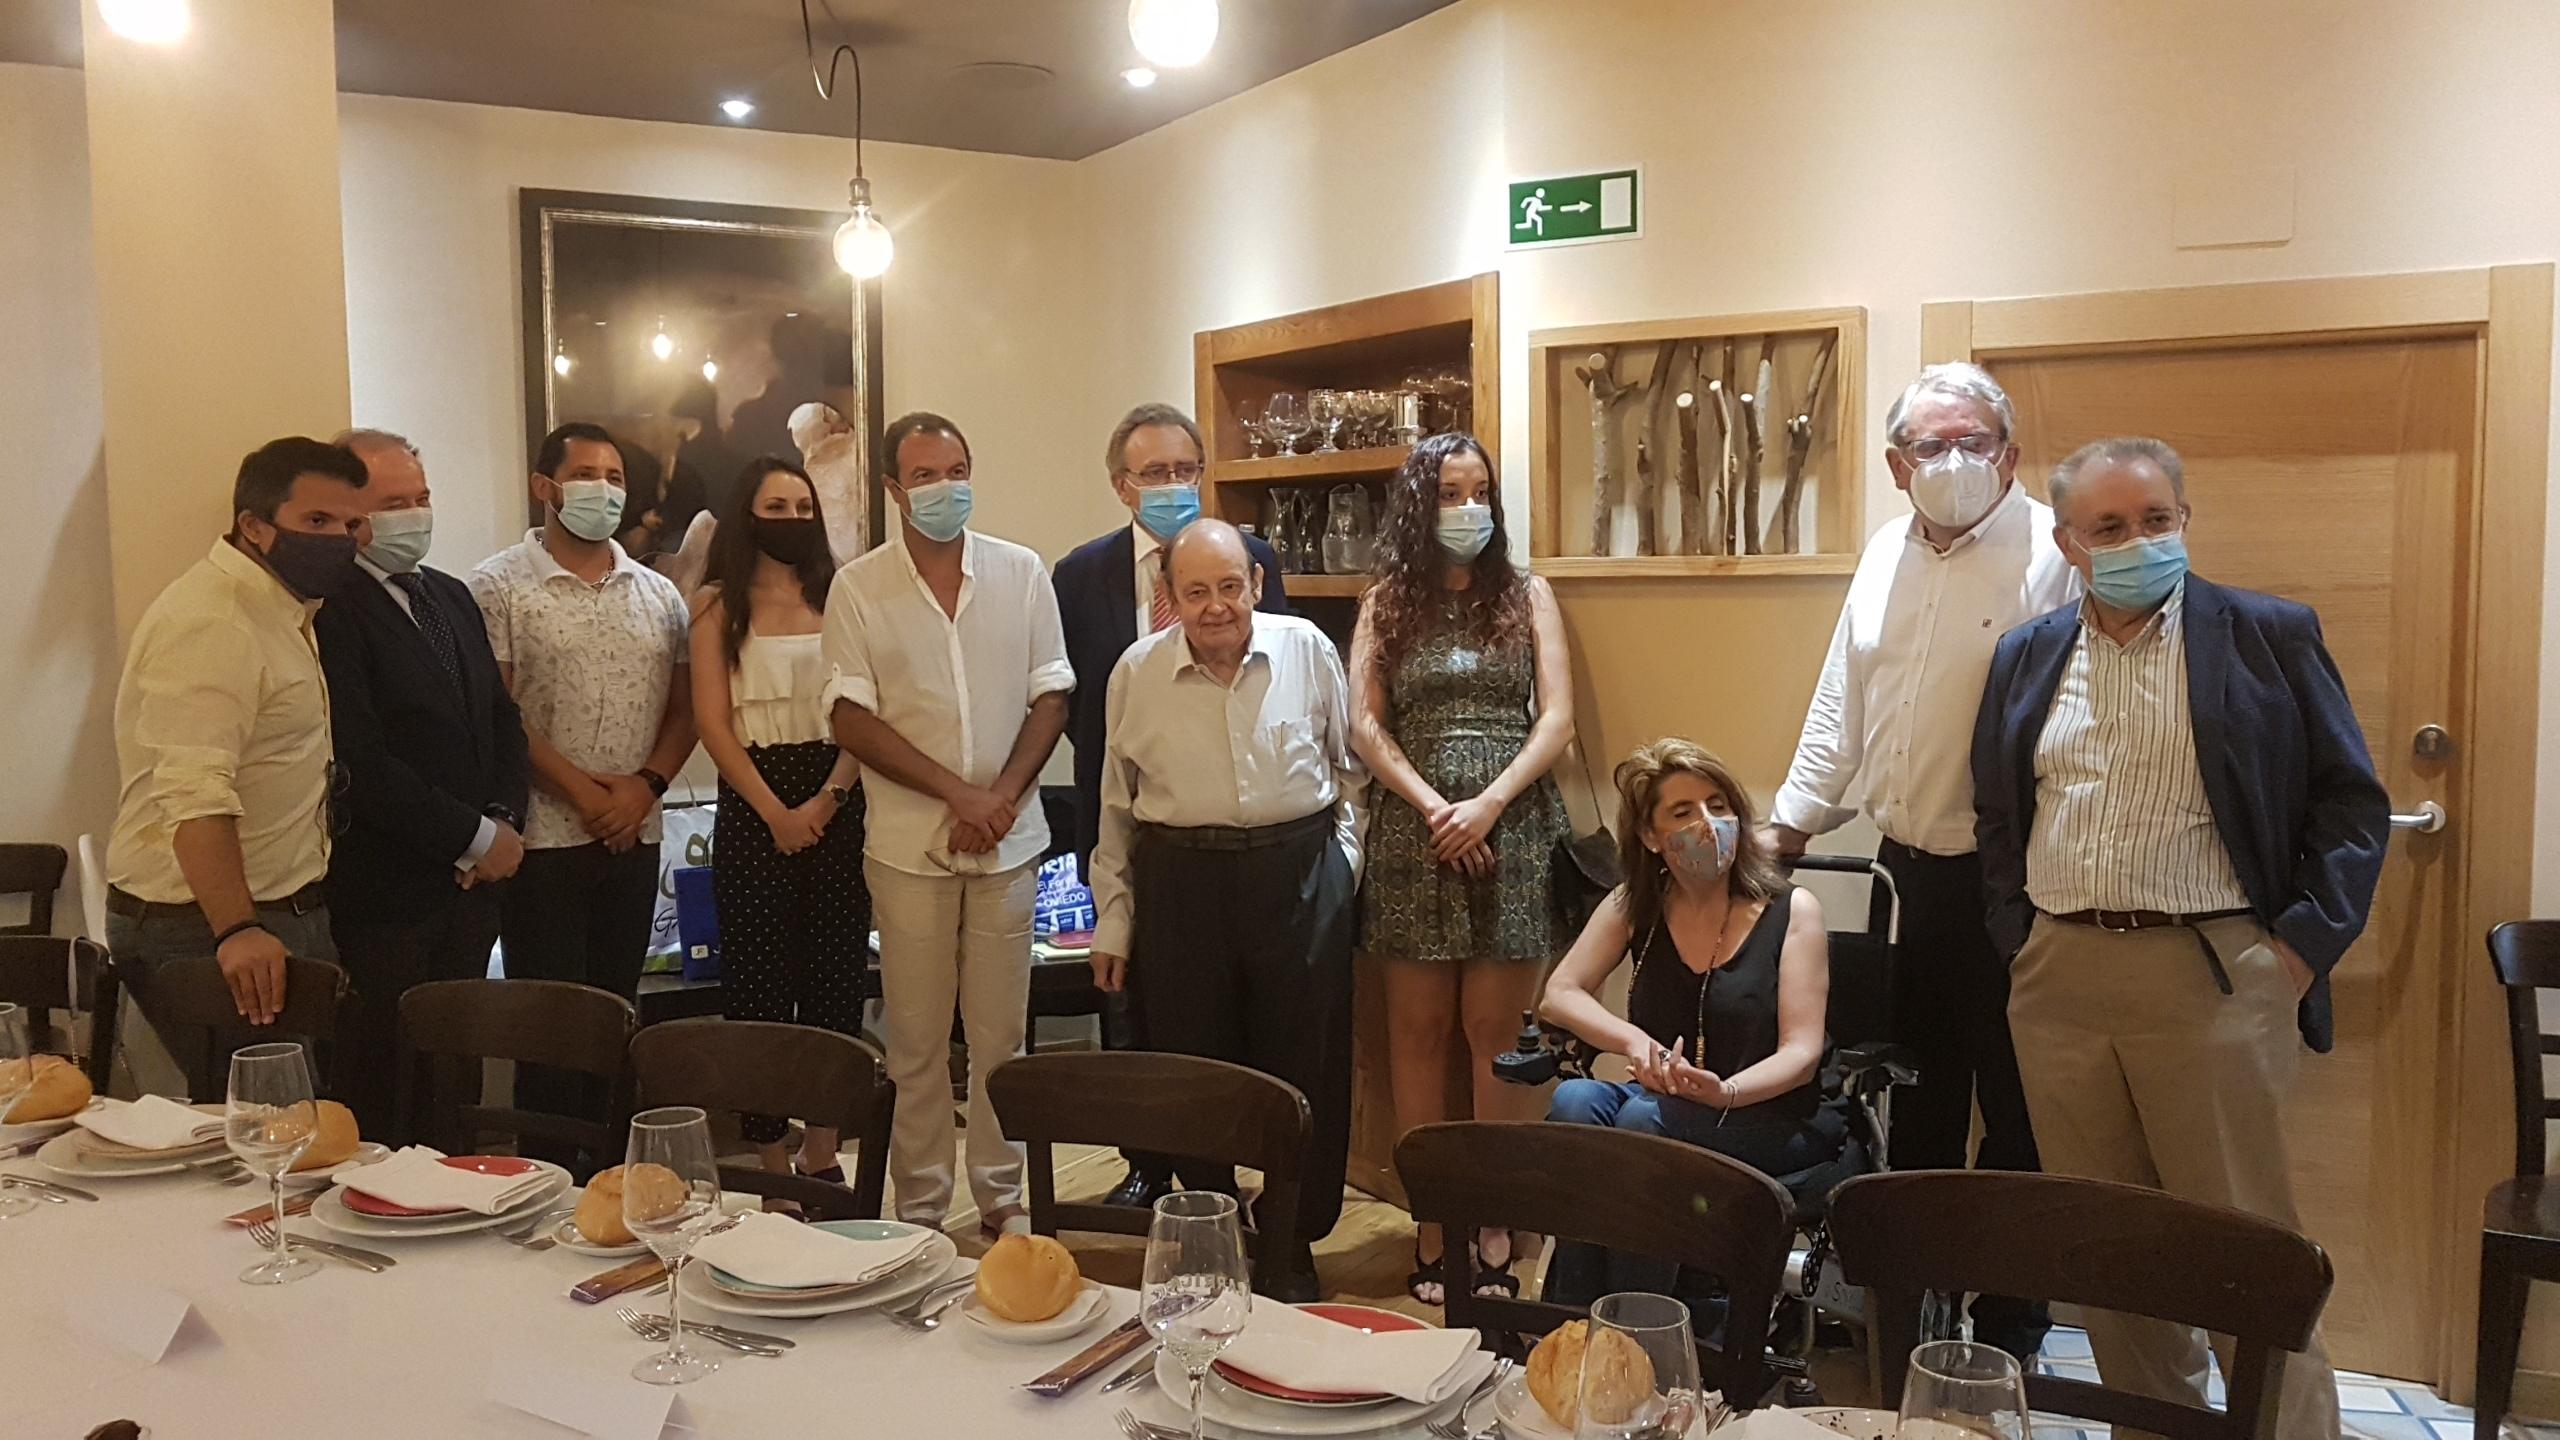 La Asociación nombra a Vidal Peña Socio de Honor de la entidad